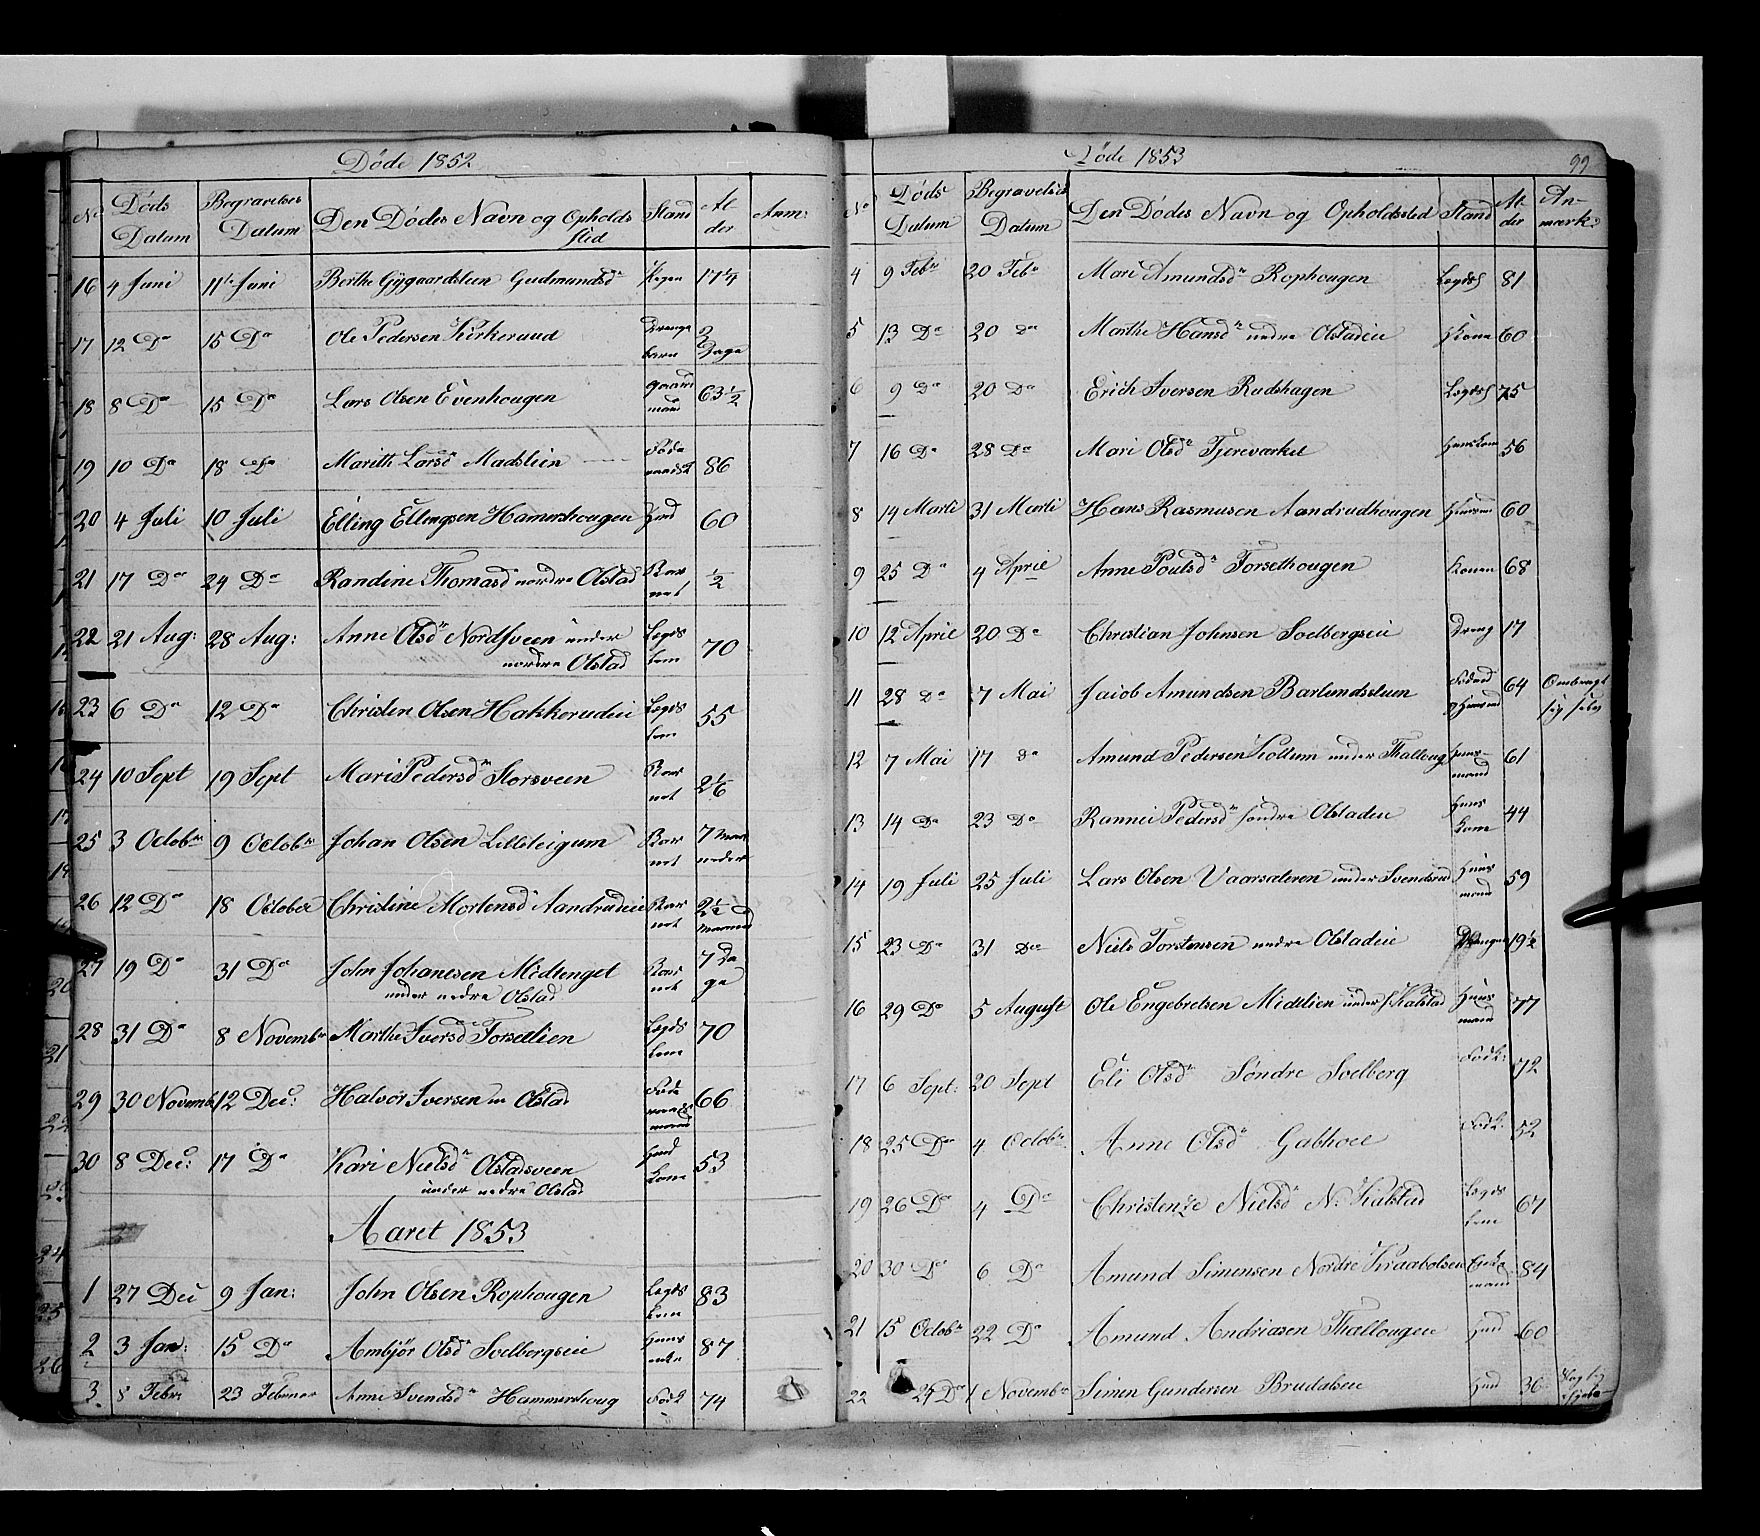 SAH, Gausdal prestekontor, Klokkerbok nr. 5, 1846-1867, s. 99